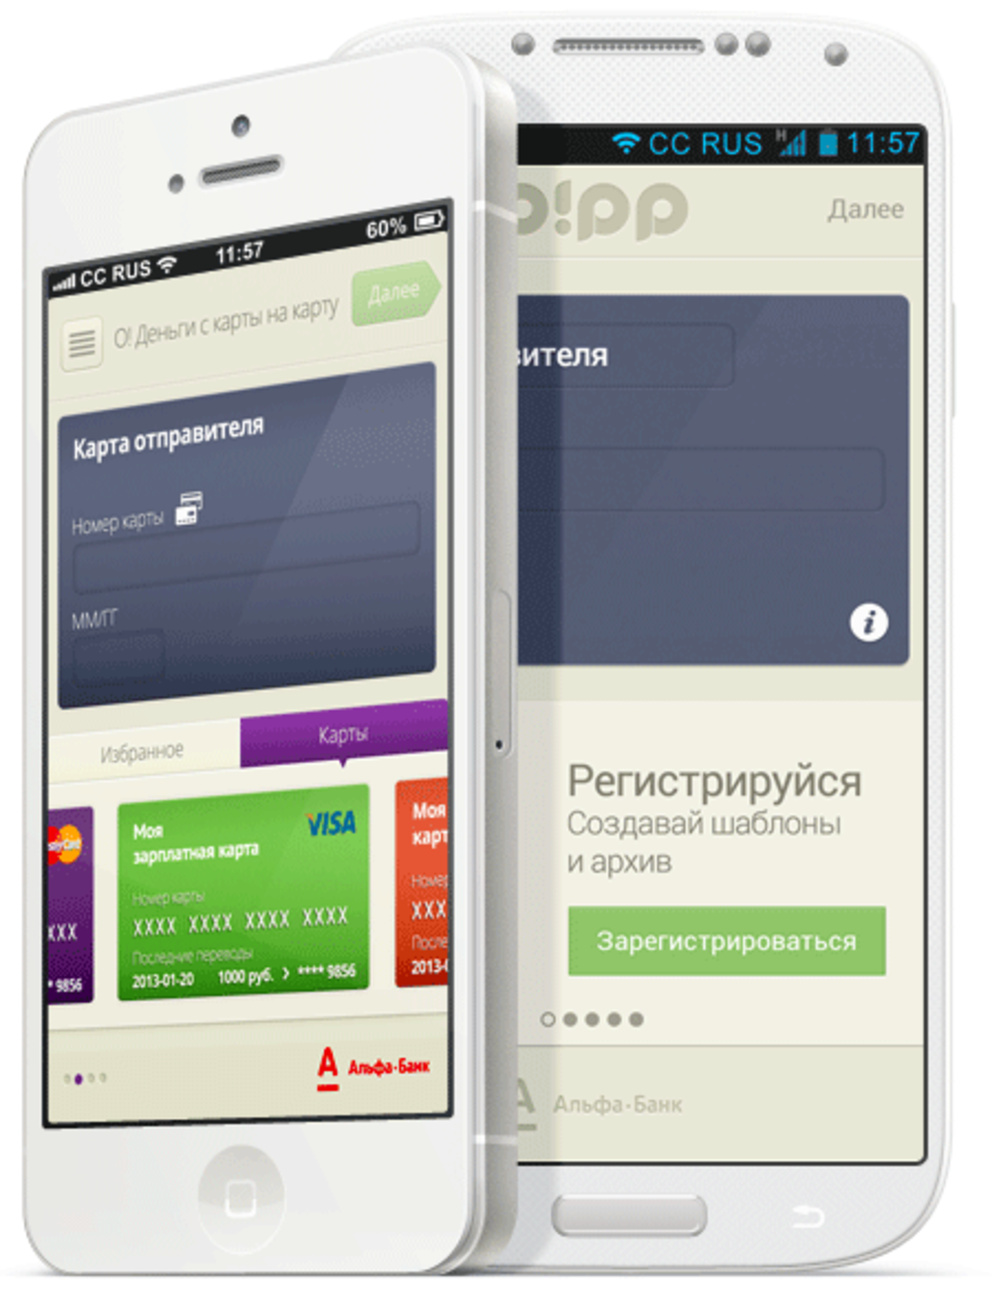 O!pp — мобильное приложение Альфа-Банка / Проект компании Собака Павлова